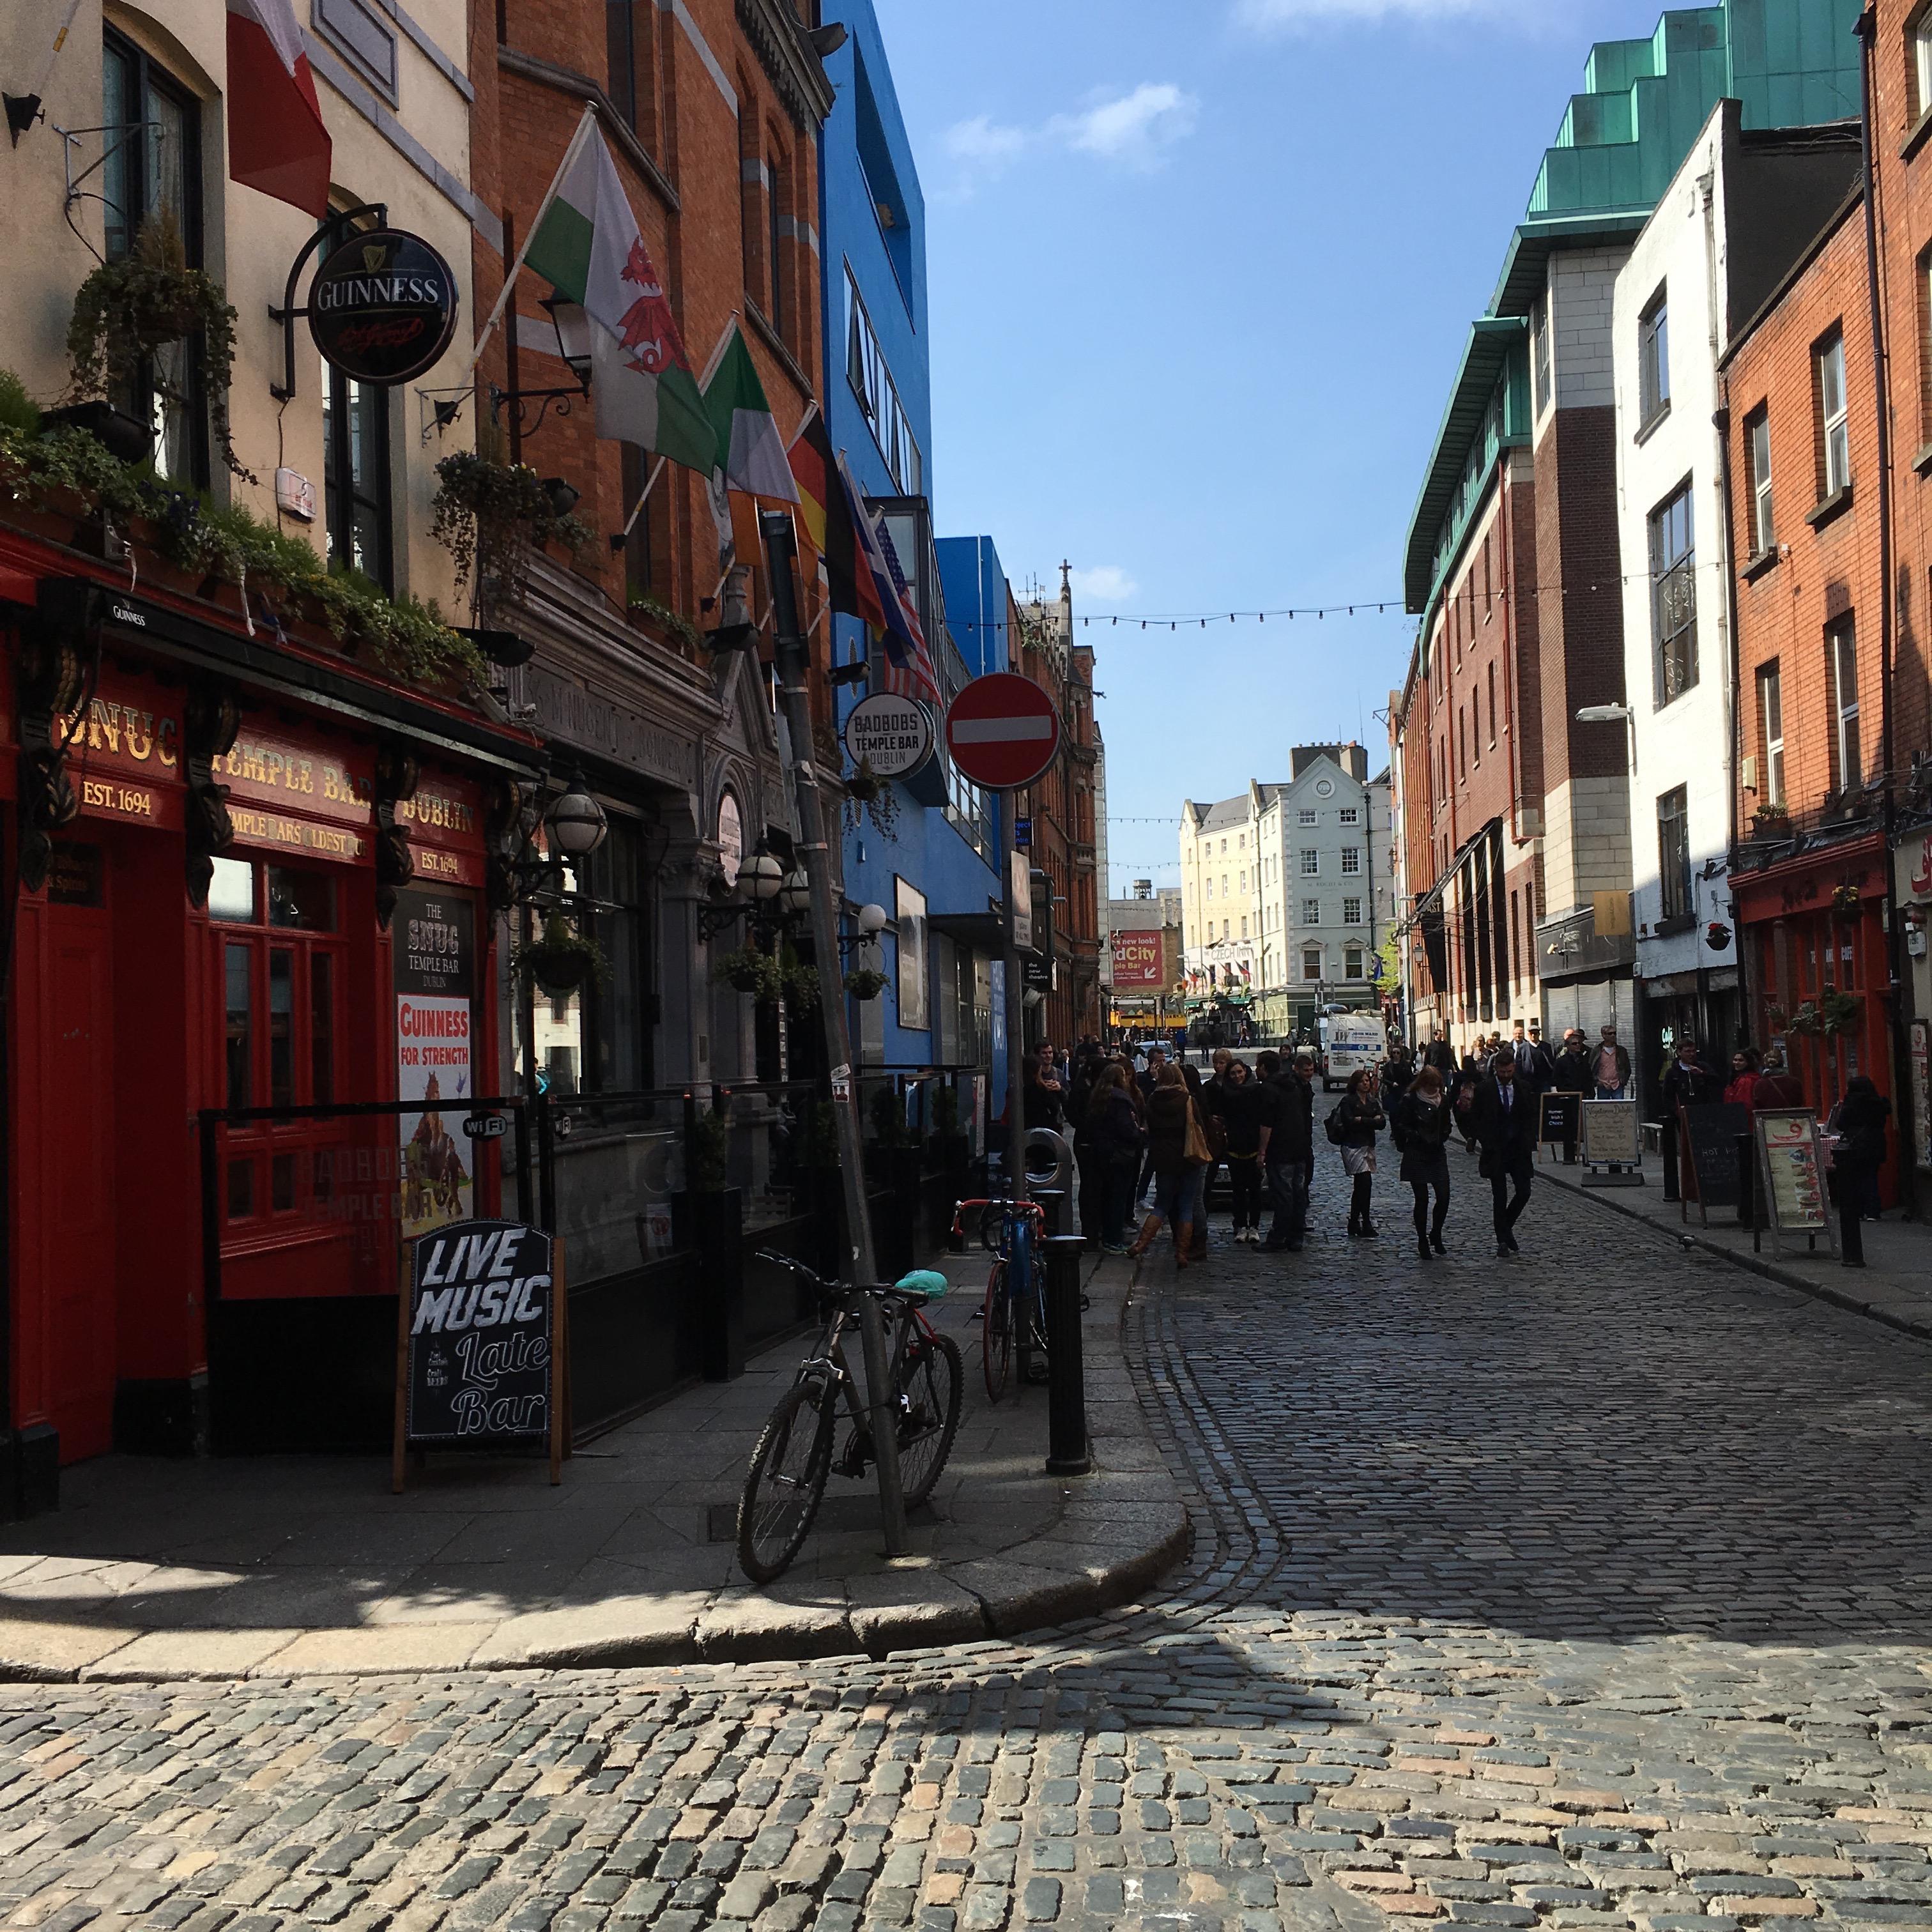 Temple-Bar-dublin-ireland